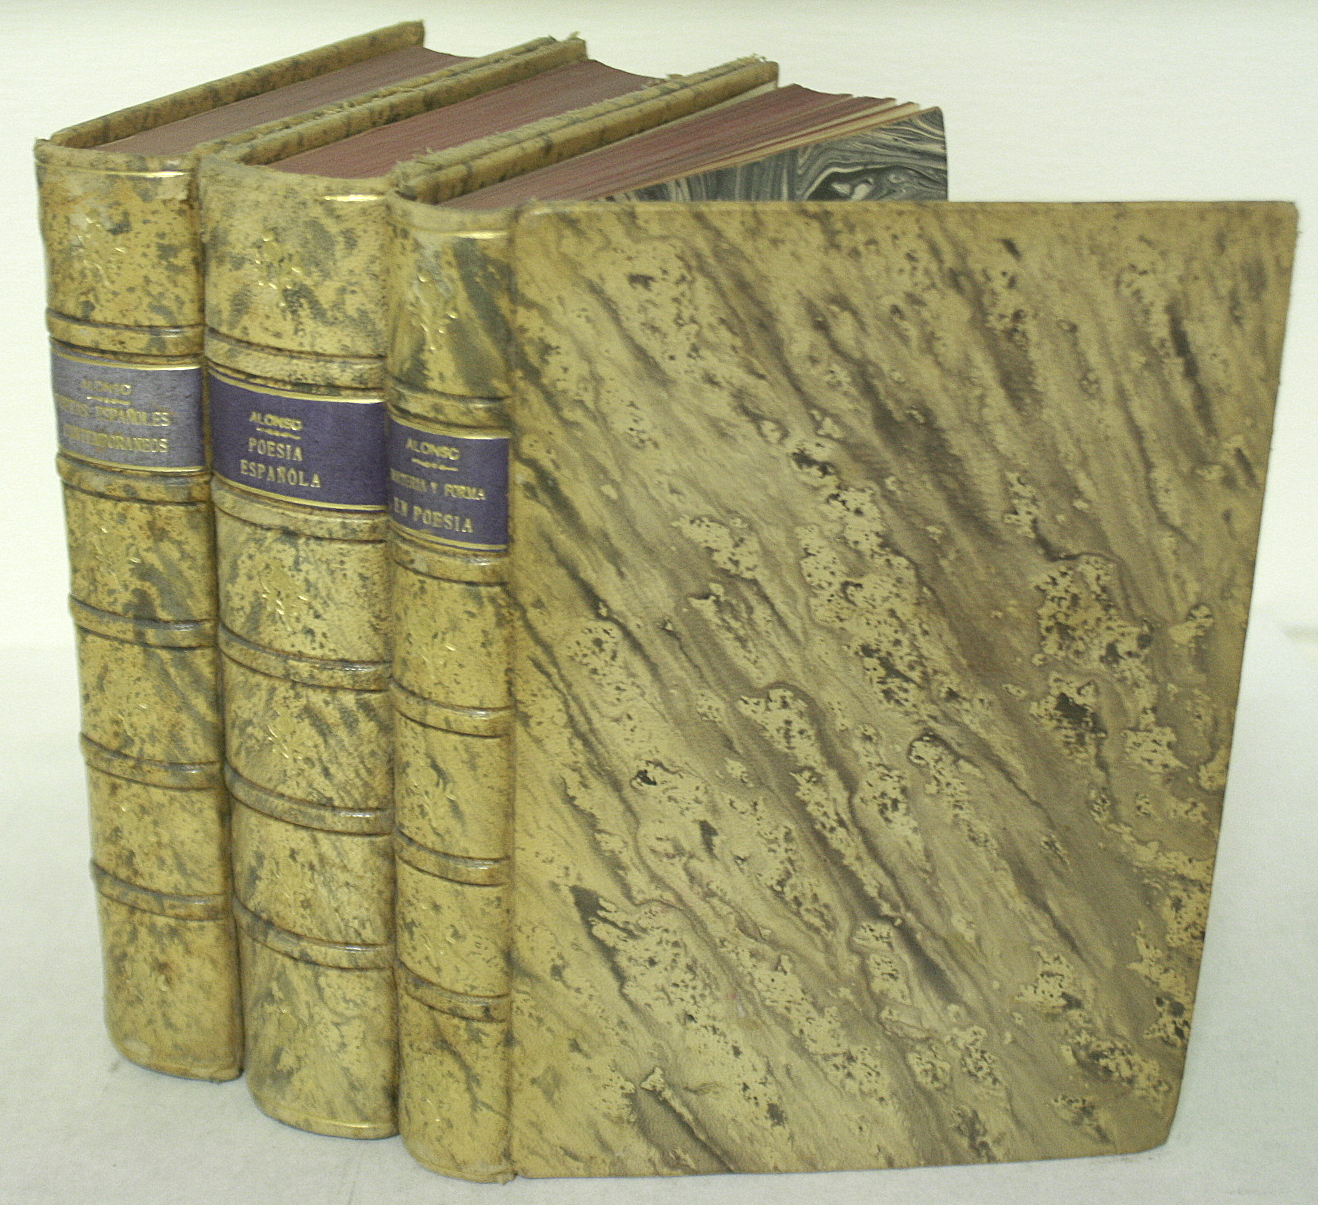 Estudios y Ensayos, tres tomos: 1 - Poetas Espanoles Contemporaneos, 2 - Poesia Espanola, Ensayo de metodos y limites estilisticos..., 3 - Materia y F BWB13022449